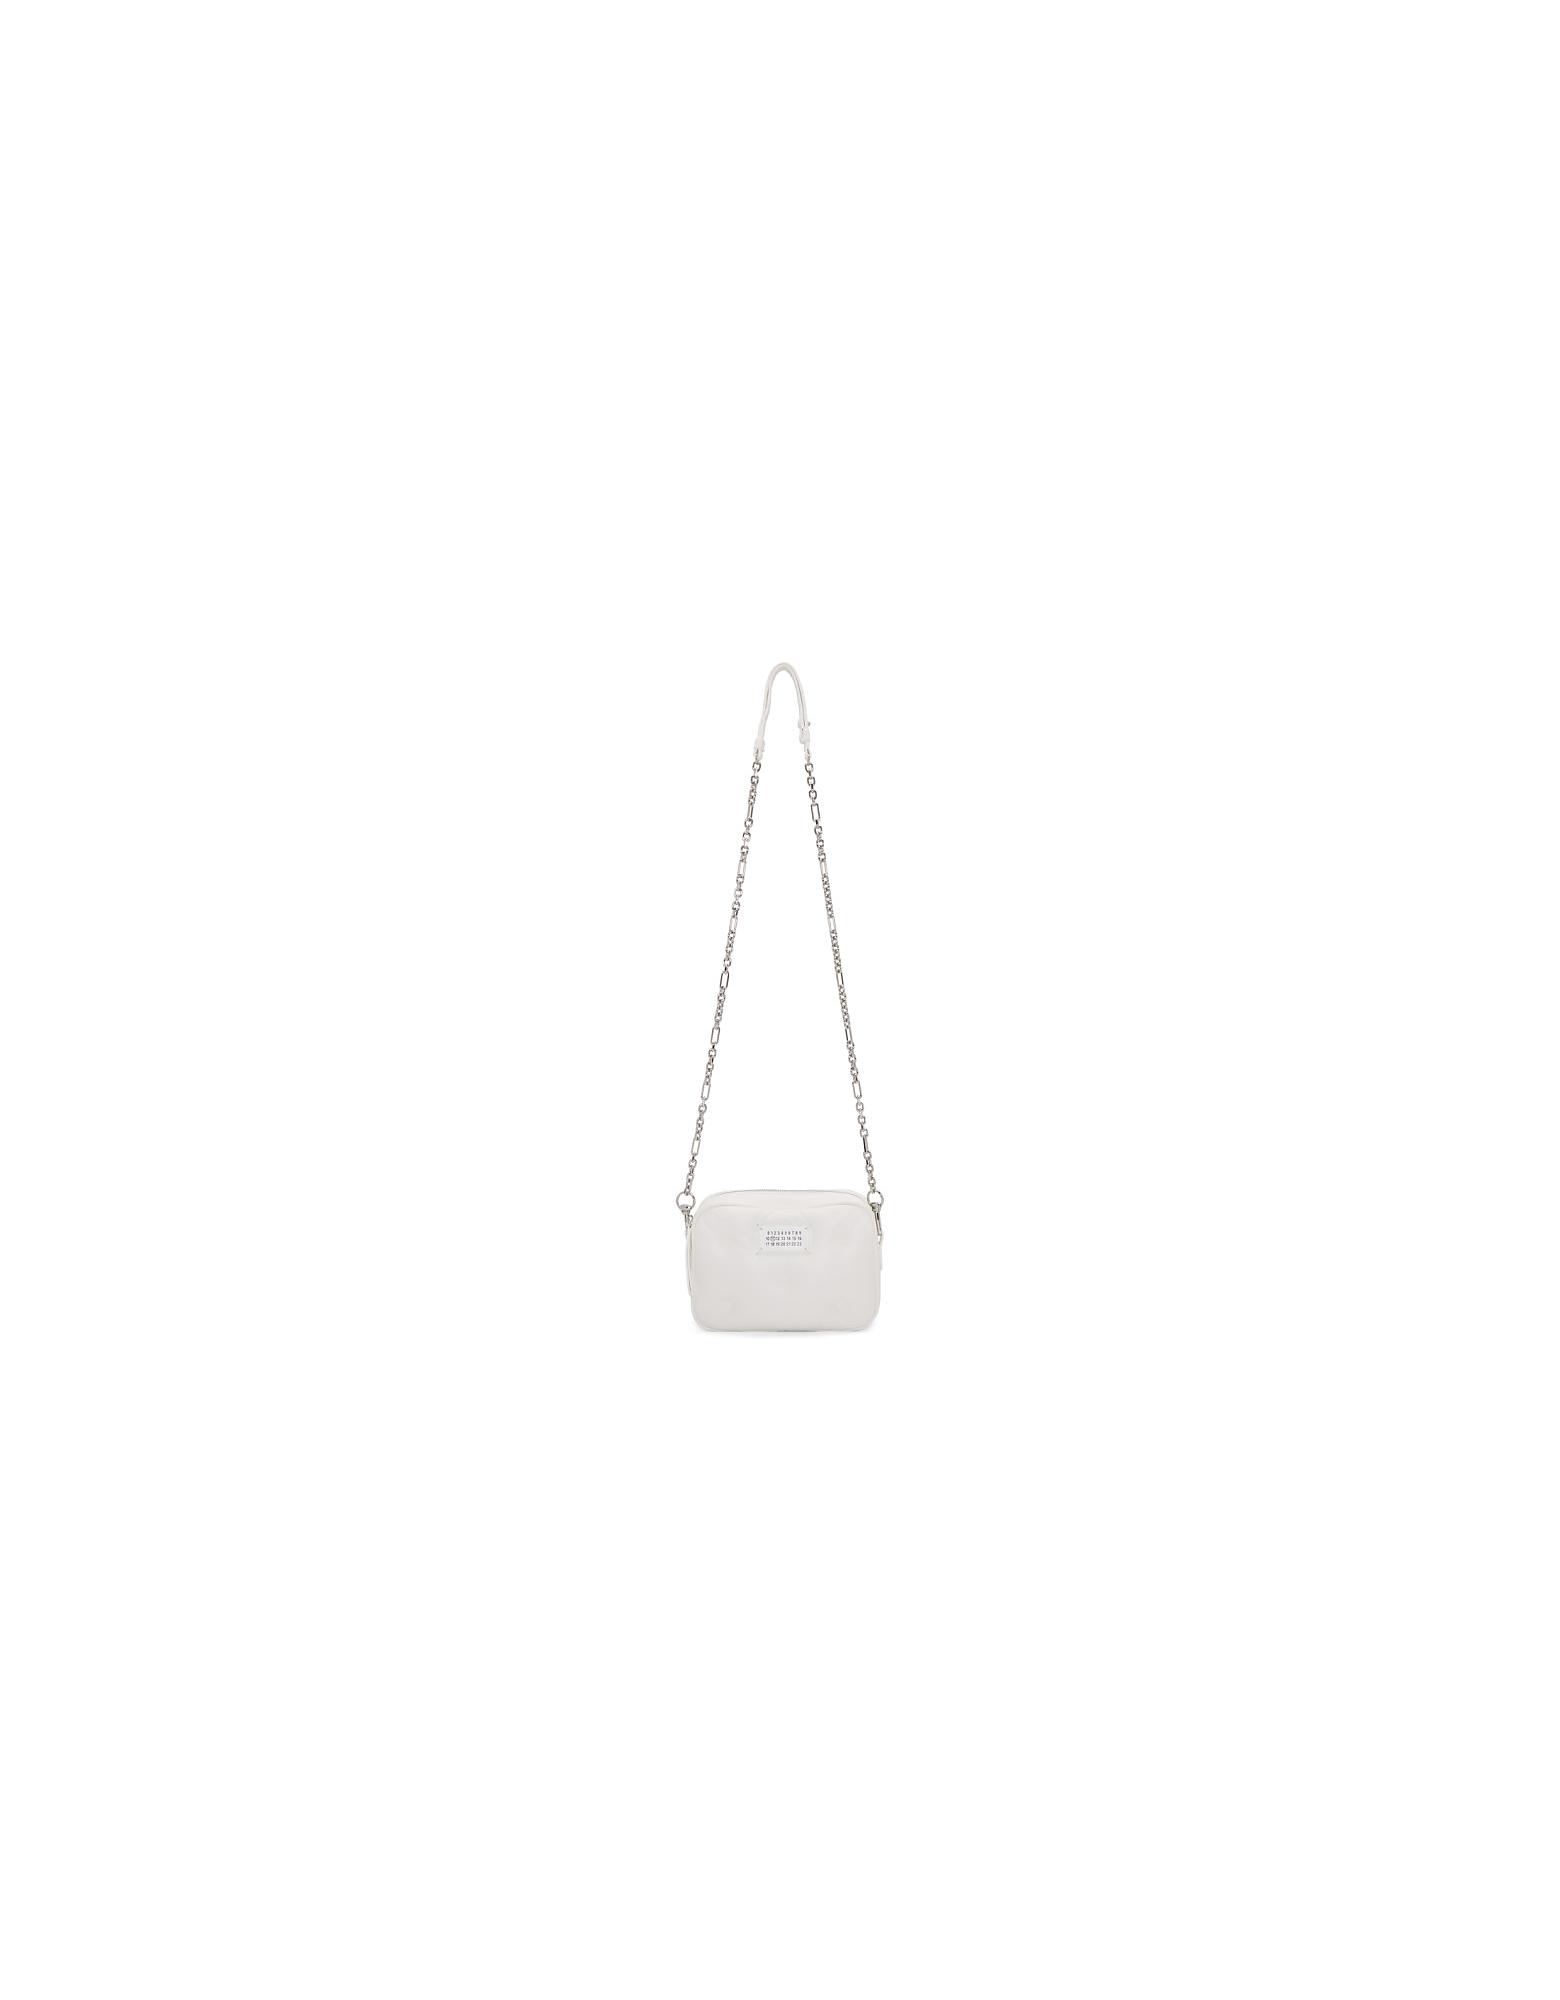 Maison Margiela Designer Handbags, White Small Rectangular Glam Slam Bag